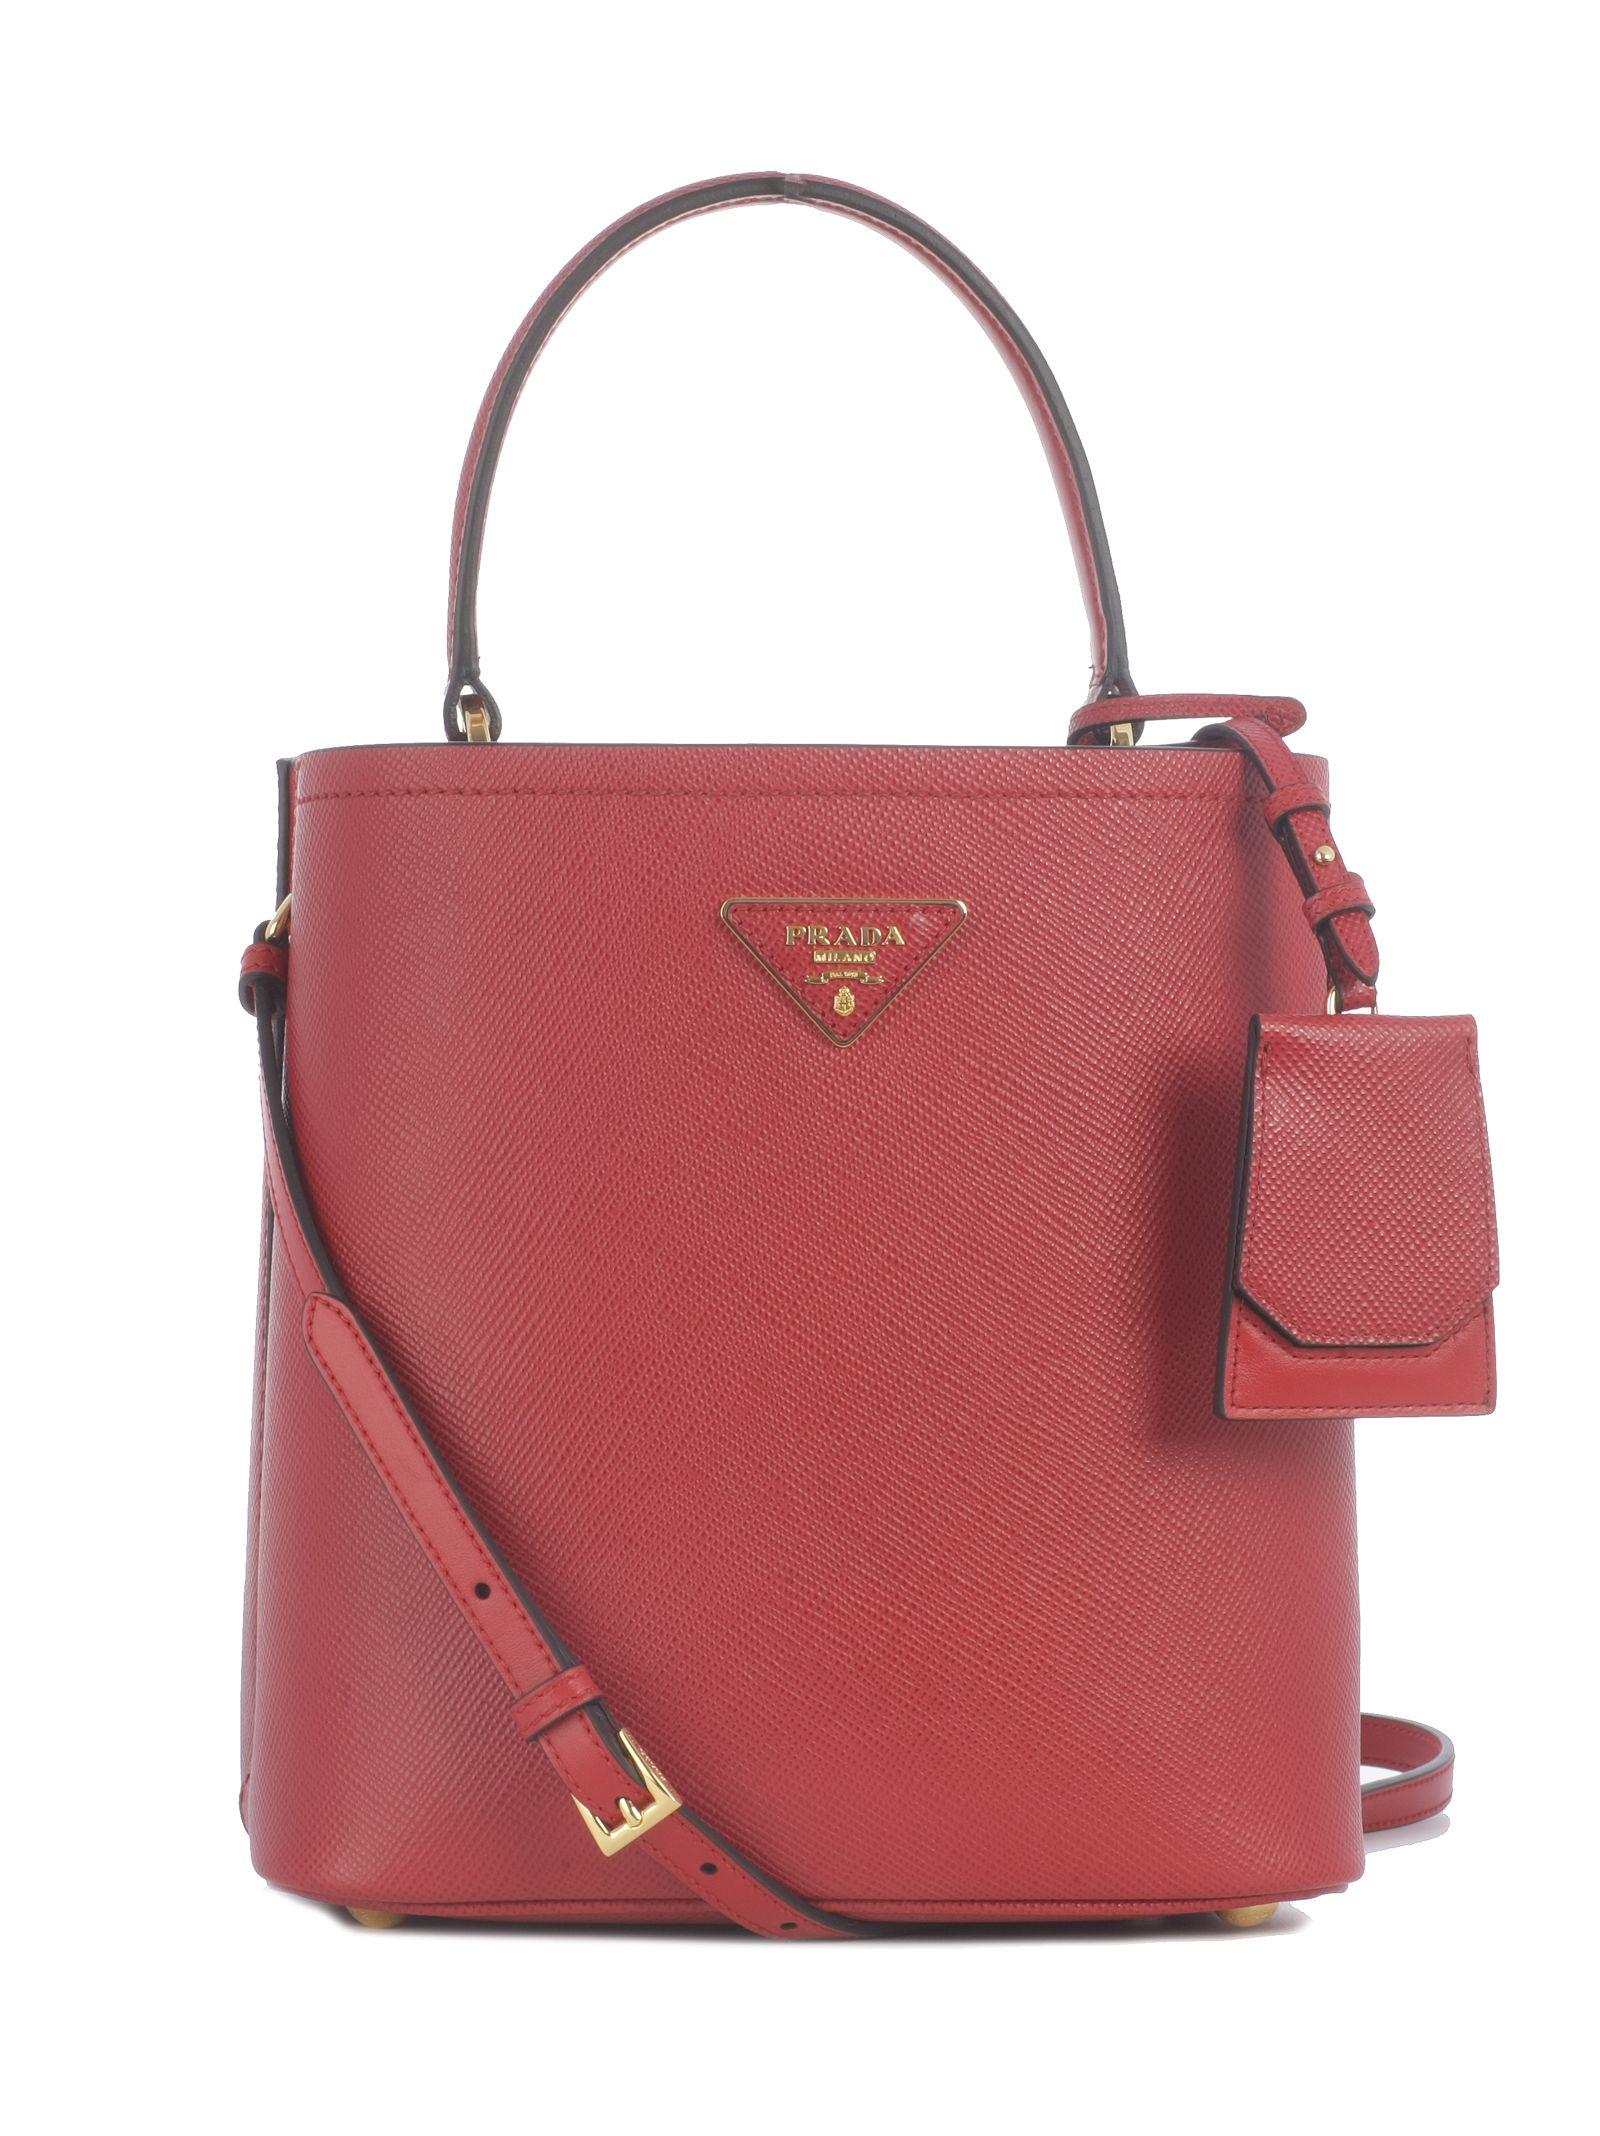 9311a6b7e84d Prada Prada Small Saffiano Bucket Bag - Fuoco - 10784130 | italist